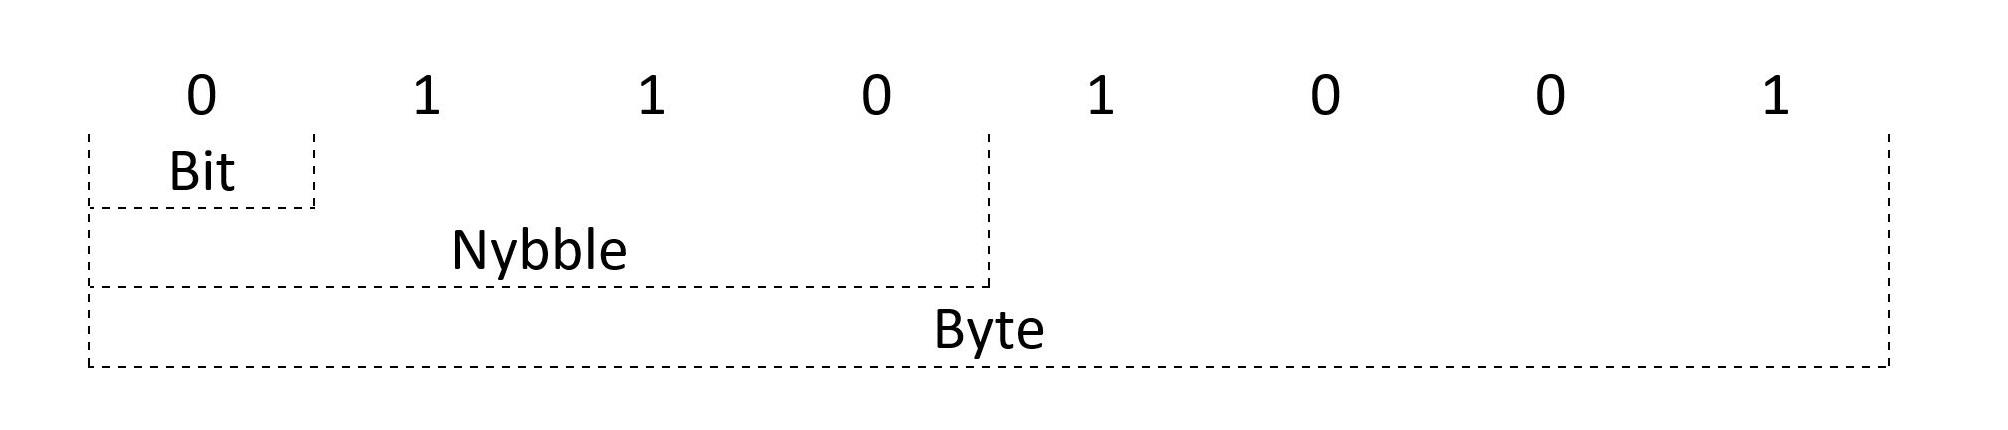 Representação de um bit, nybble e byte